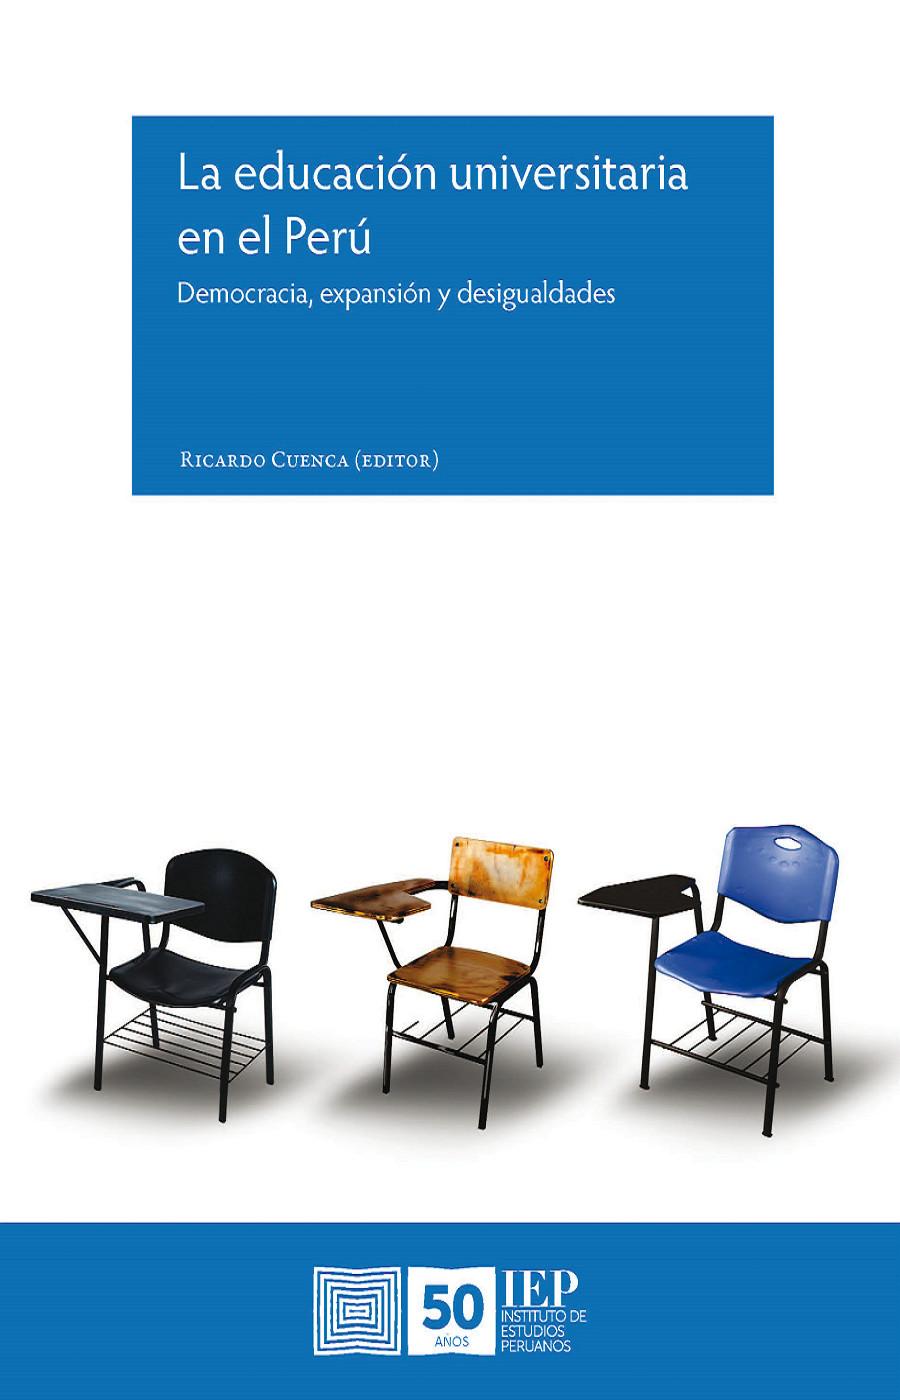 La educación universitaria en el Perú